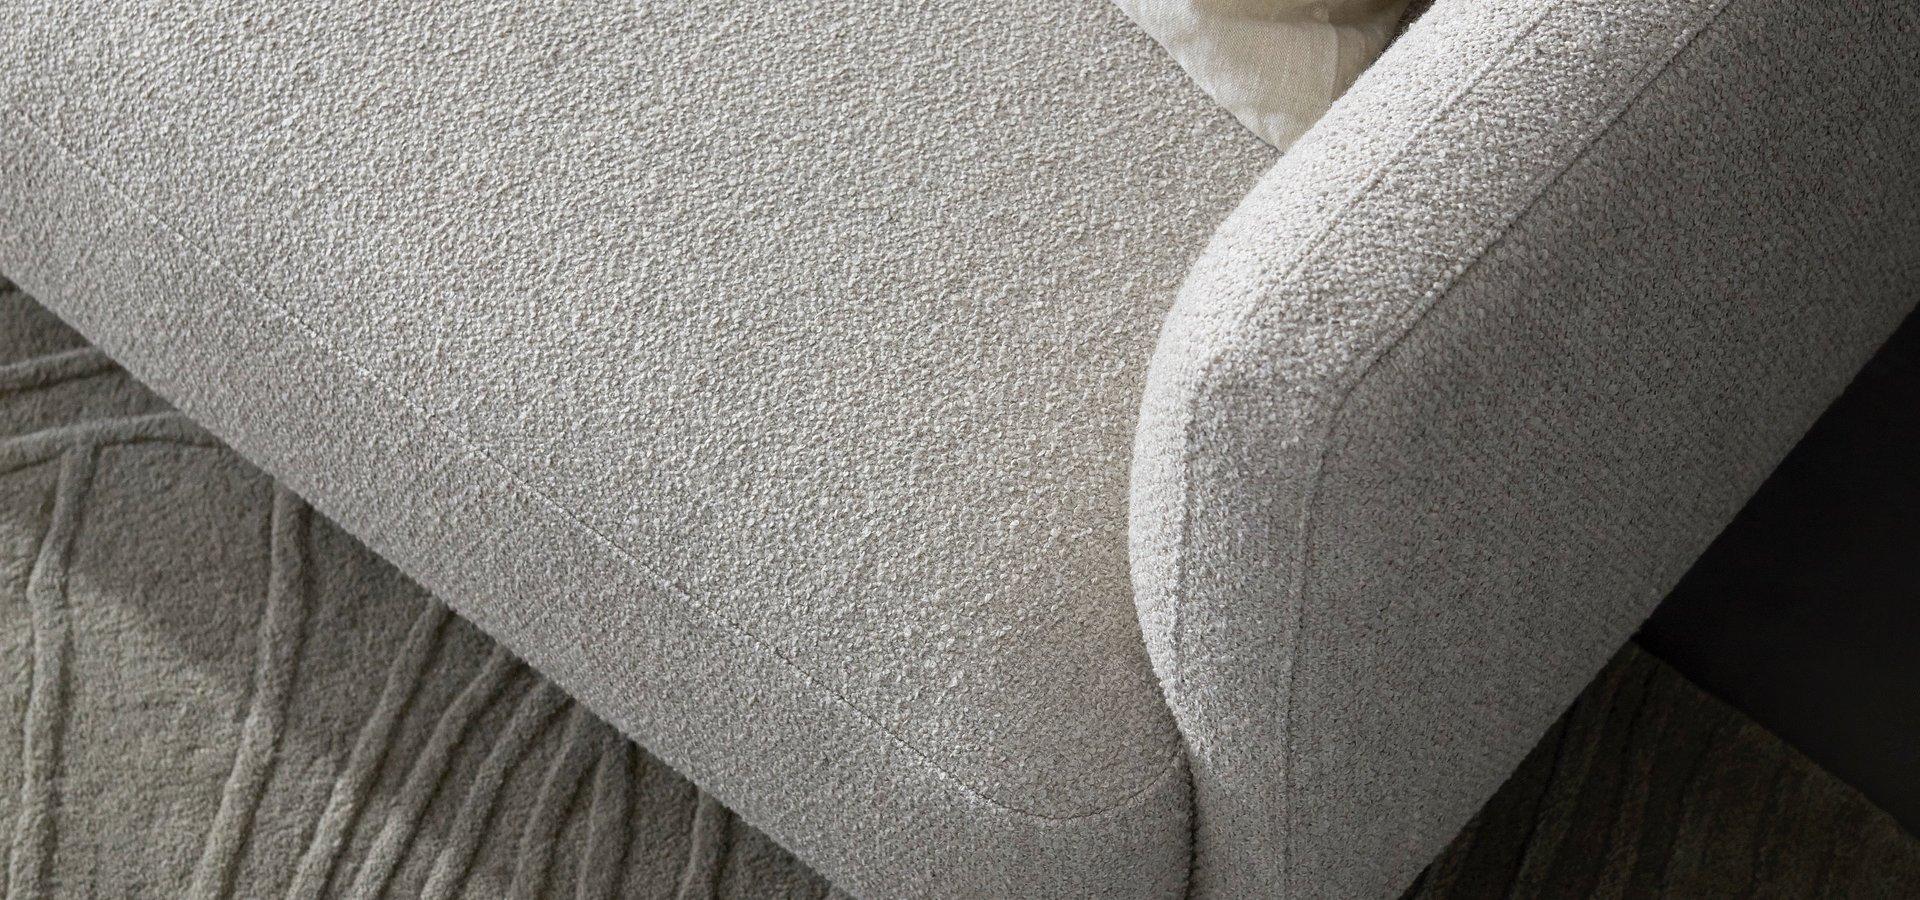 BoConcept przedstawią nową sofę Modena o organicznym kształcie.